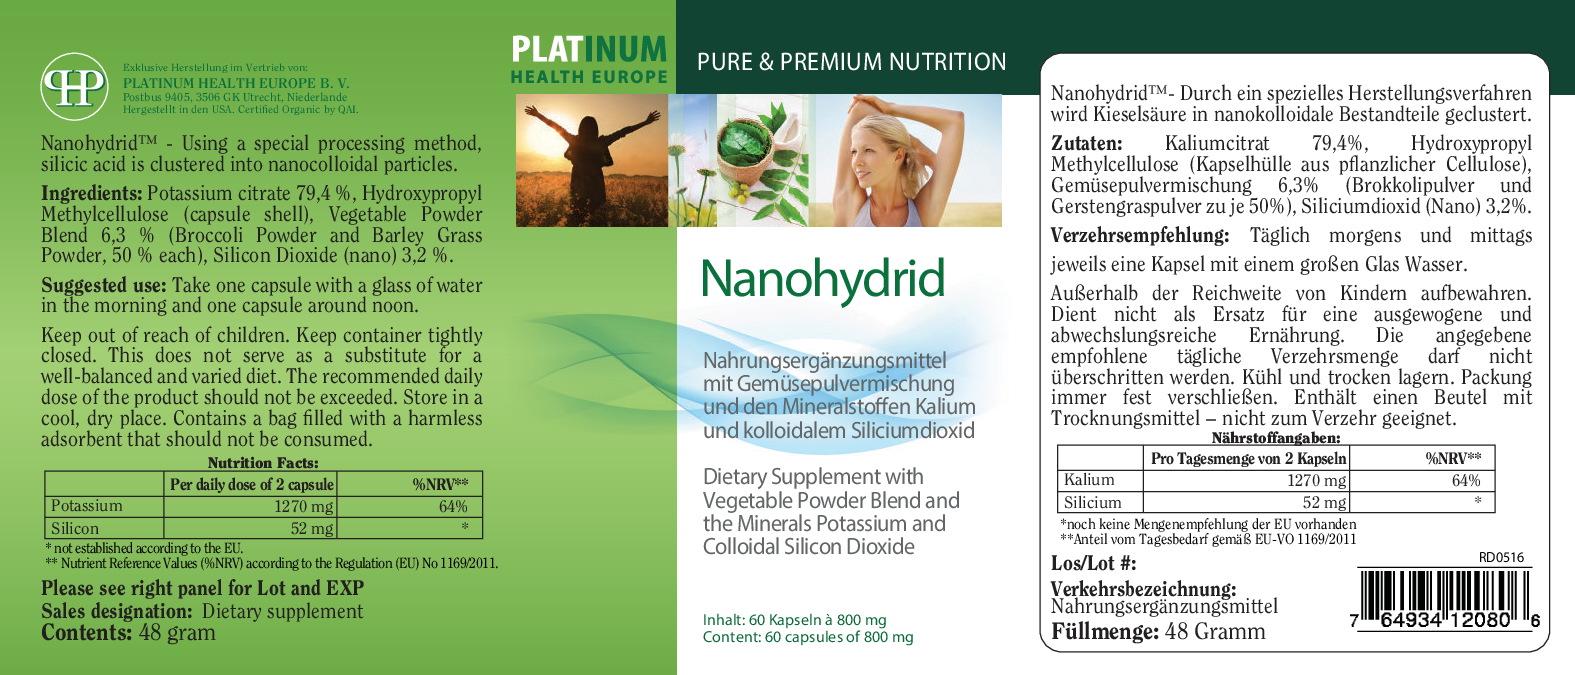 Nanohydrid_2080E_5-25x2-25in_RD0516_PROOF-FINALLa3IwAFh9VHT0